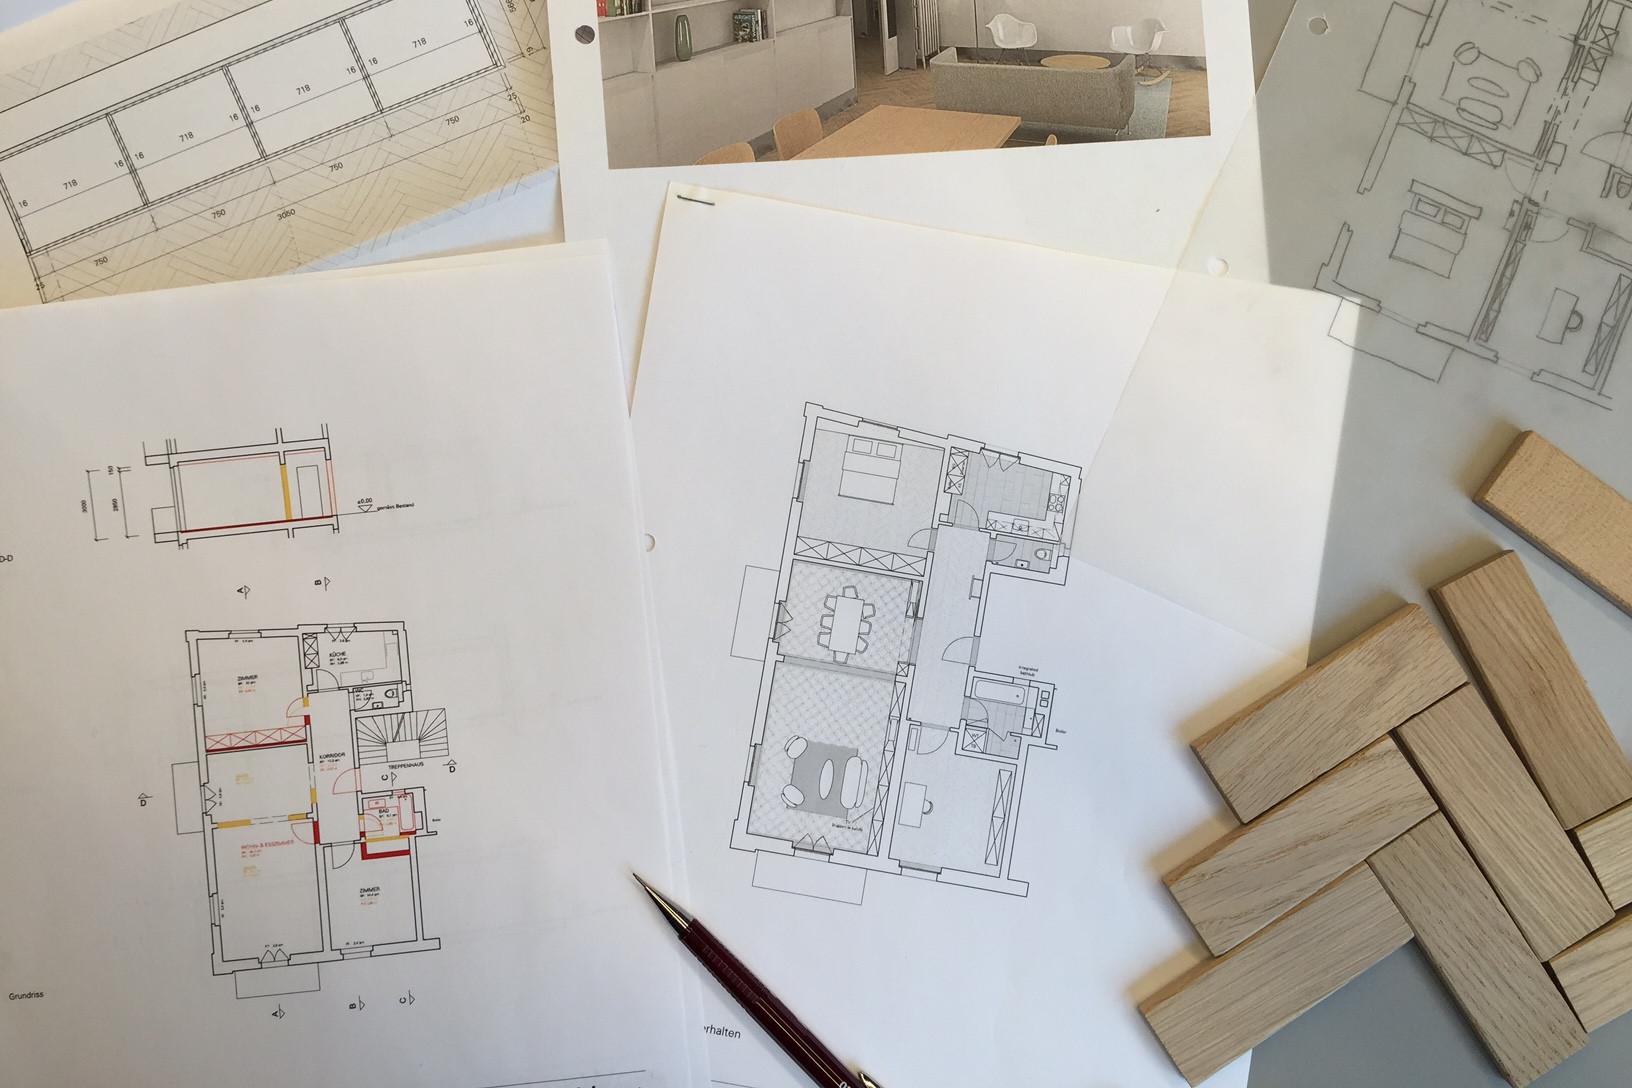 Skizzen, Materialmuster, Visualisierungen - all das gehört zur Planung